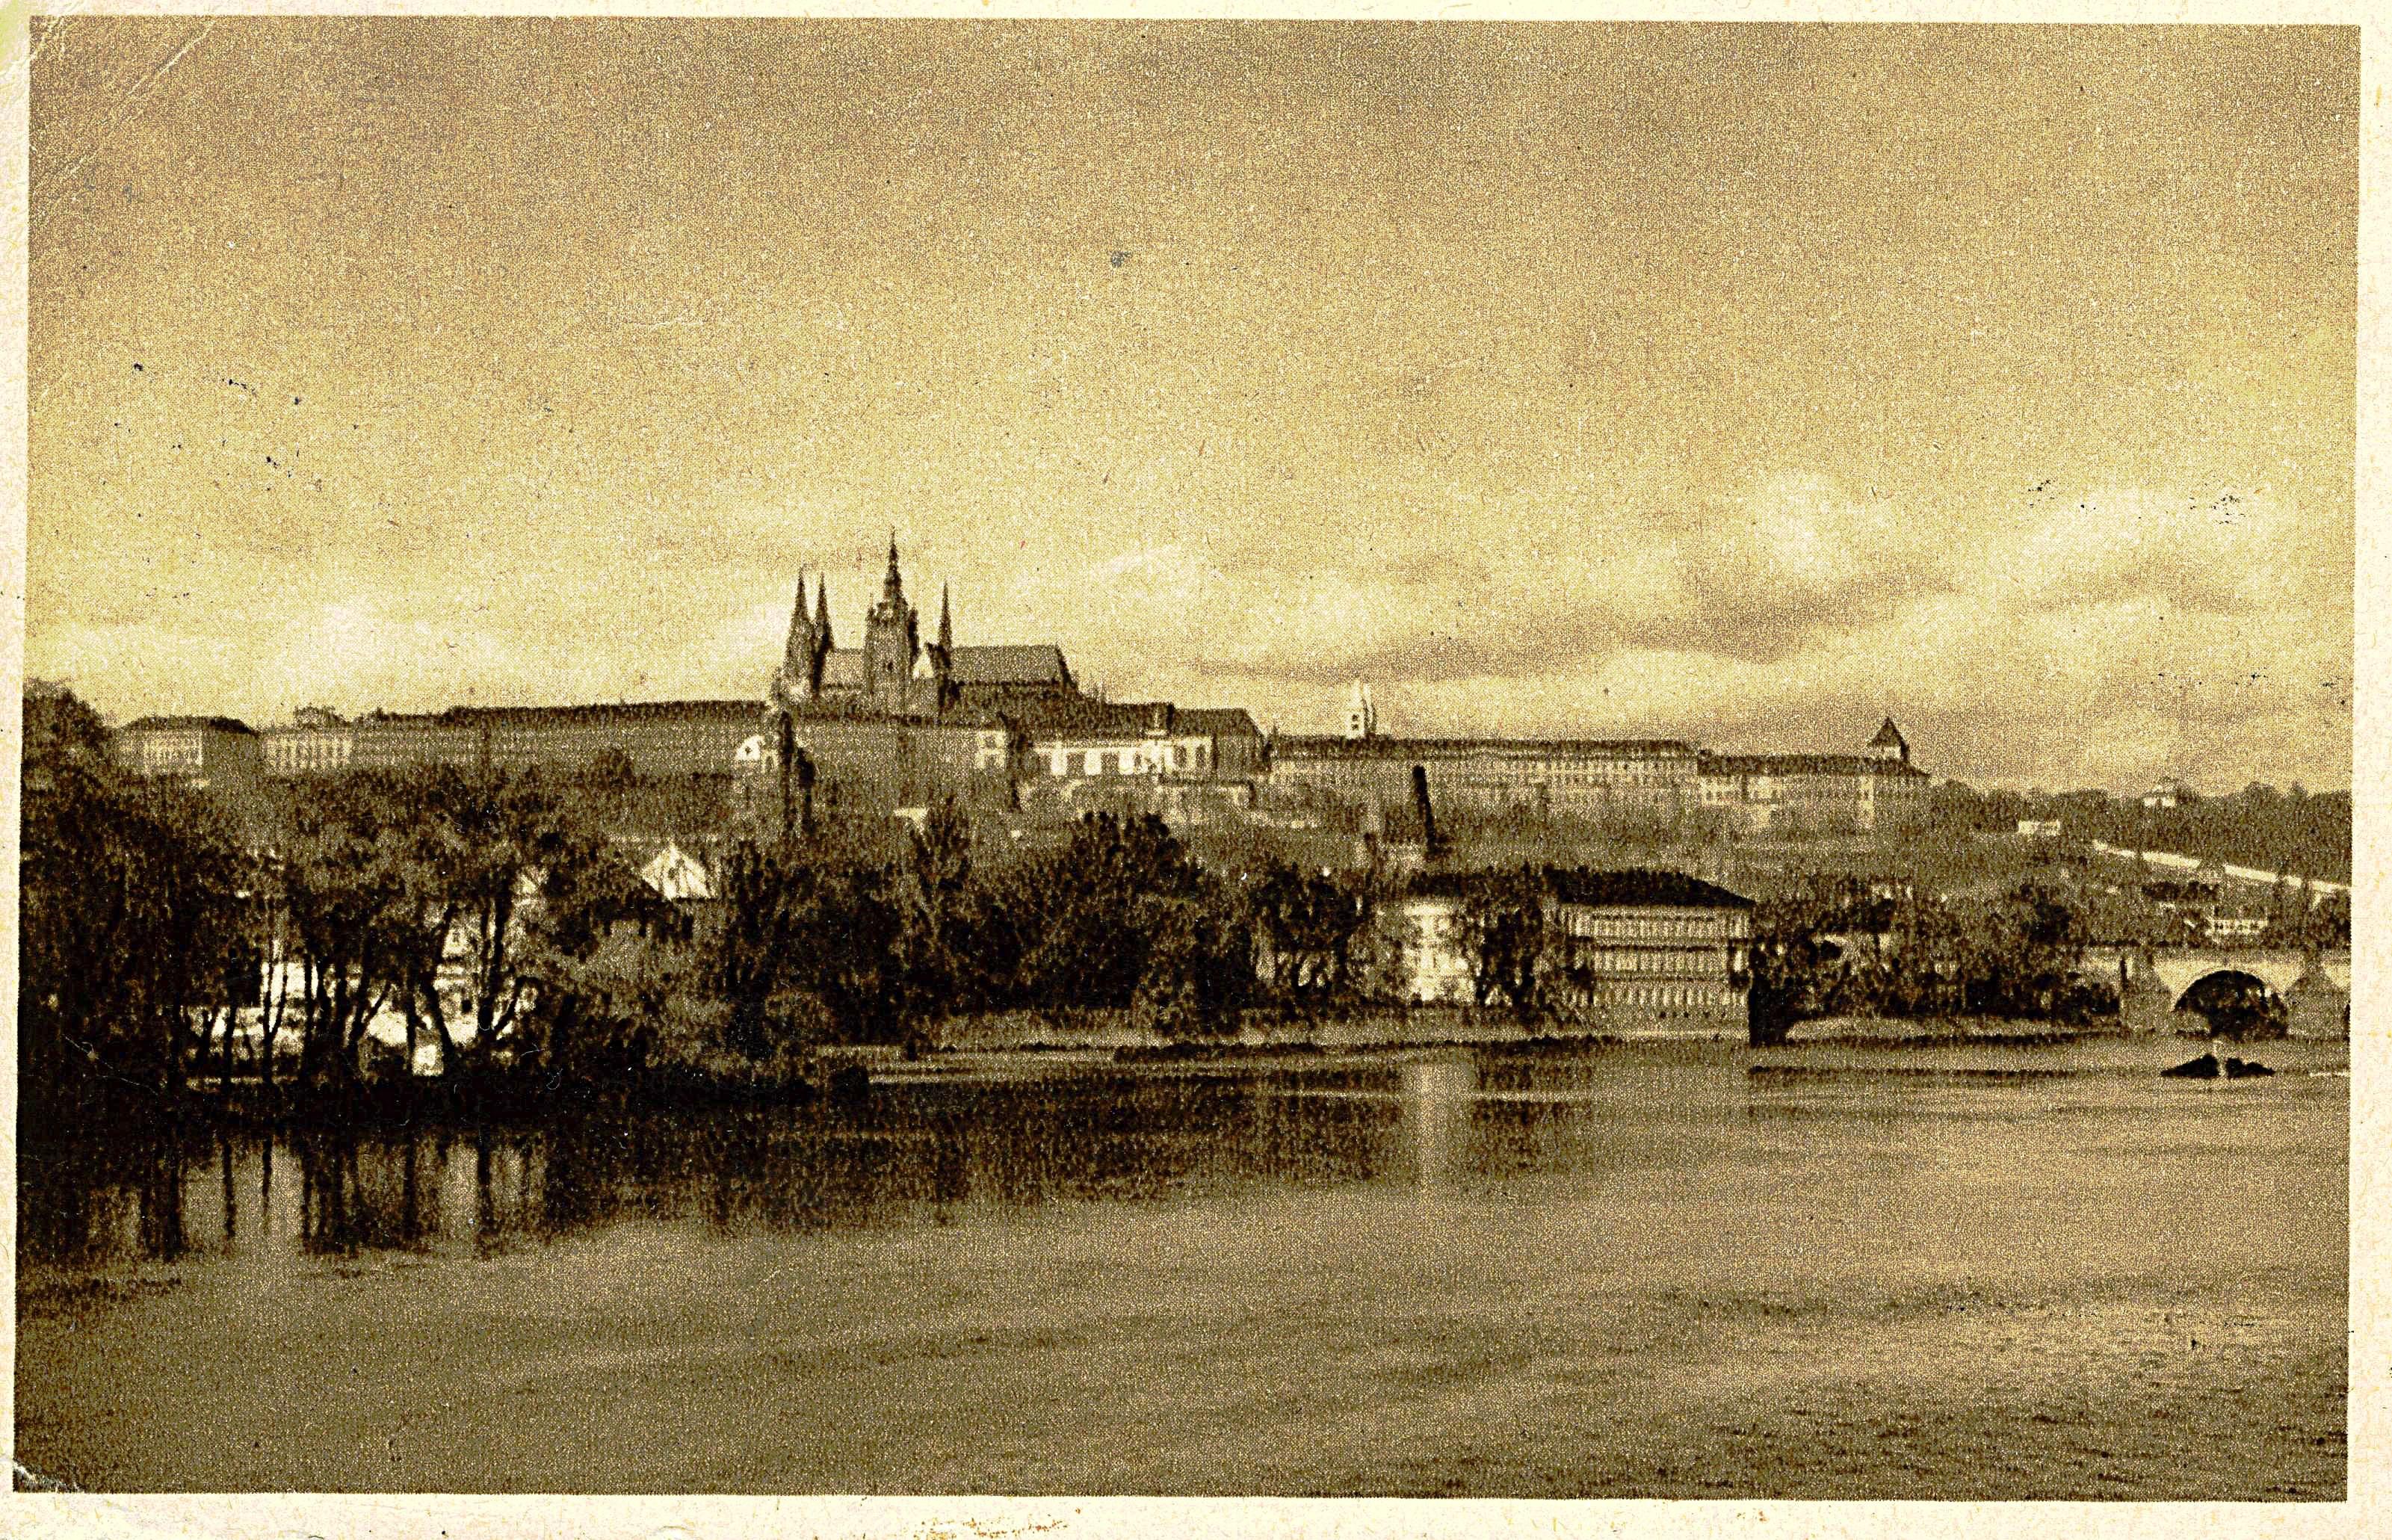 Postkort: Nansenhjelpen opprettet et feltkontor i Praha allerede desember 1938. Foto er et postkort fra arkiv etter søskenparet Thomas og Ilse Mautner, HL-senteret